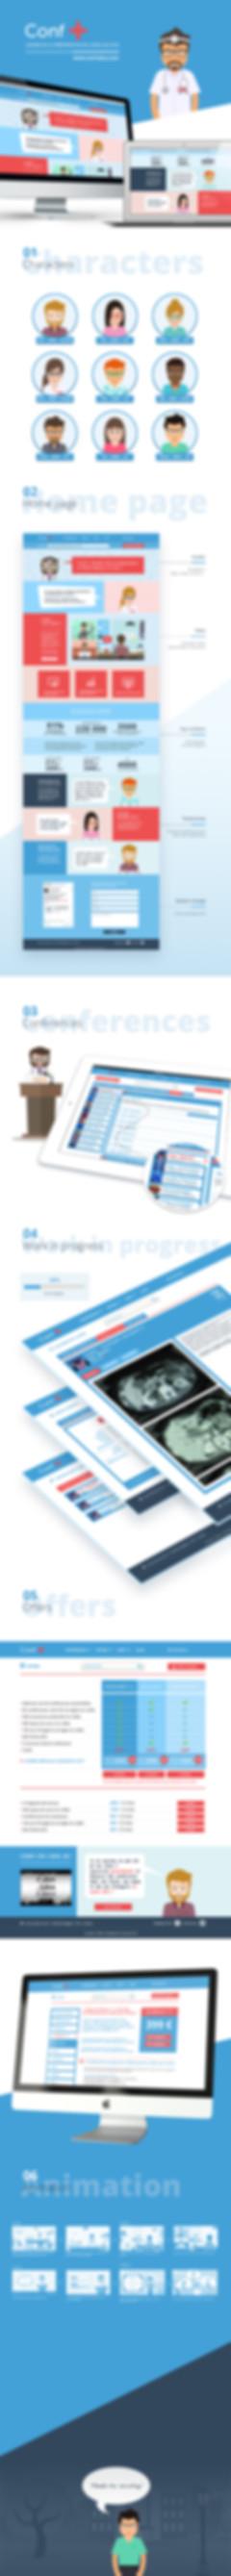 Conf + - Web design